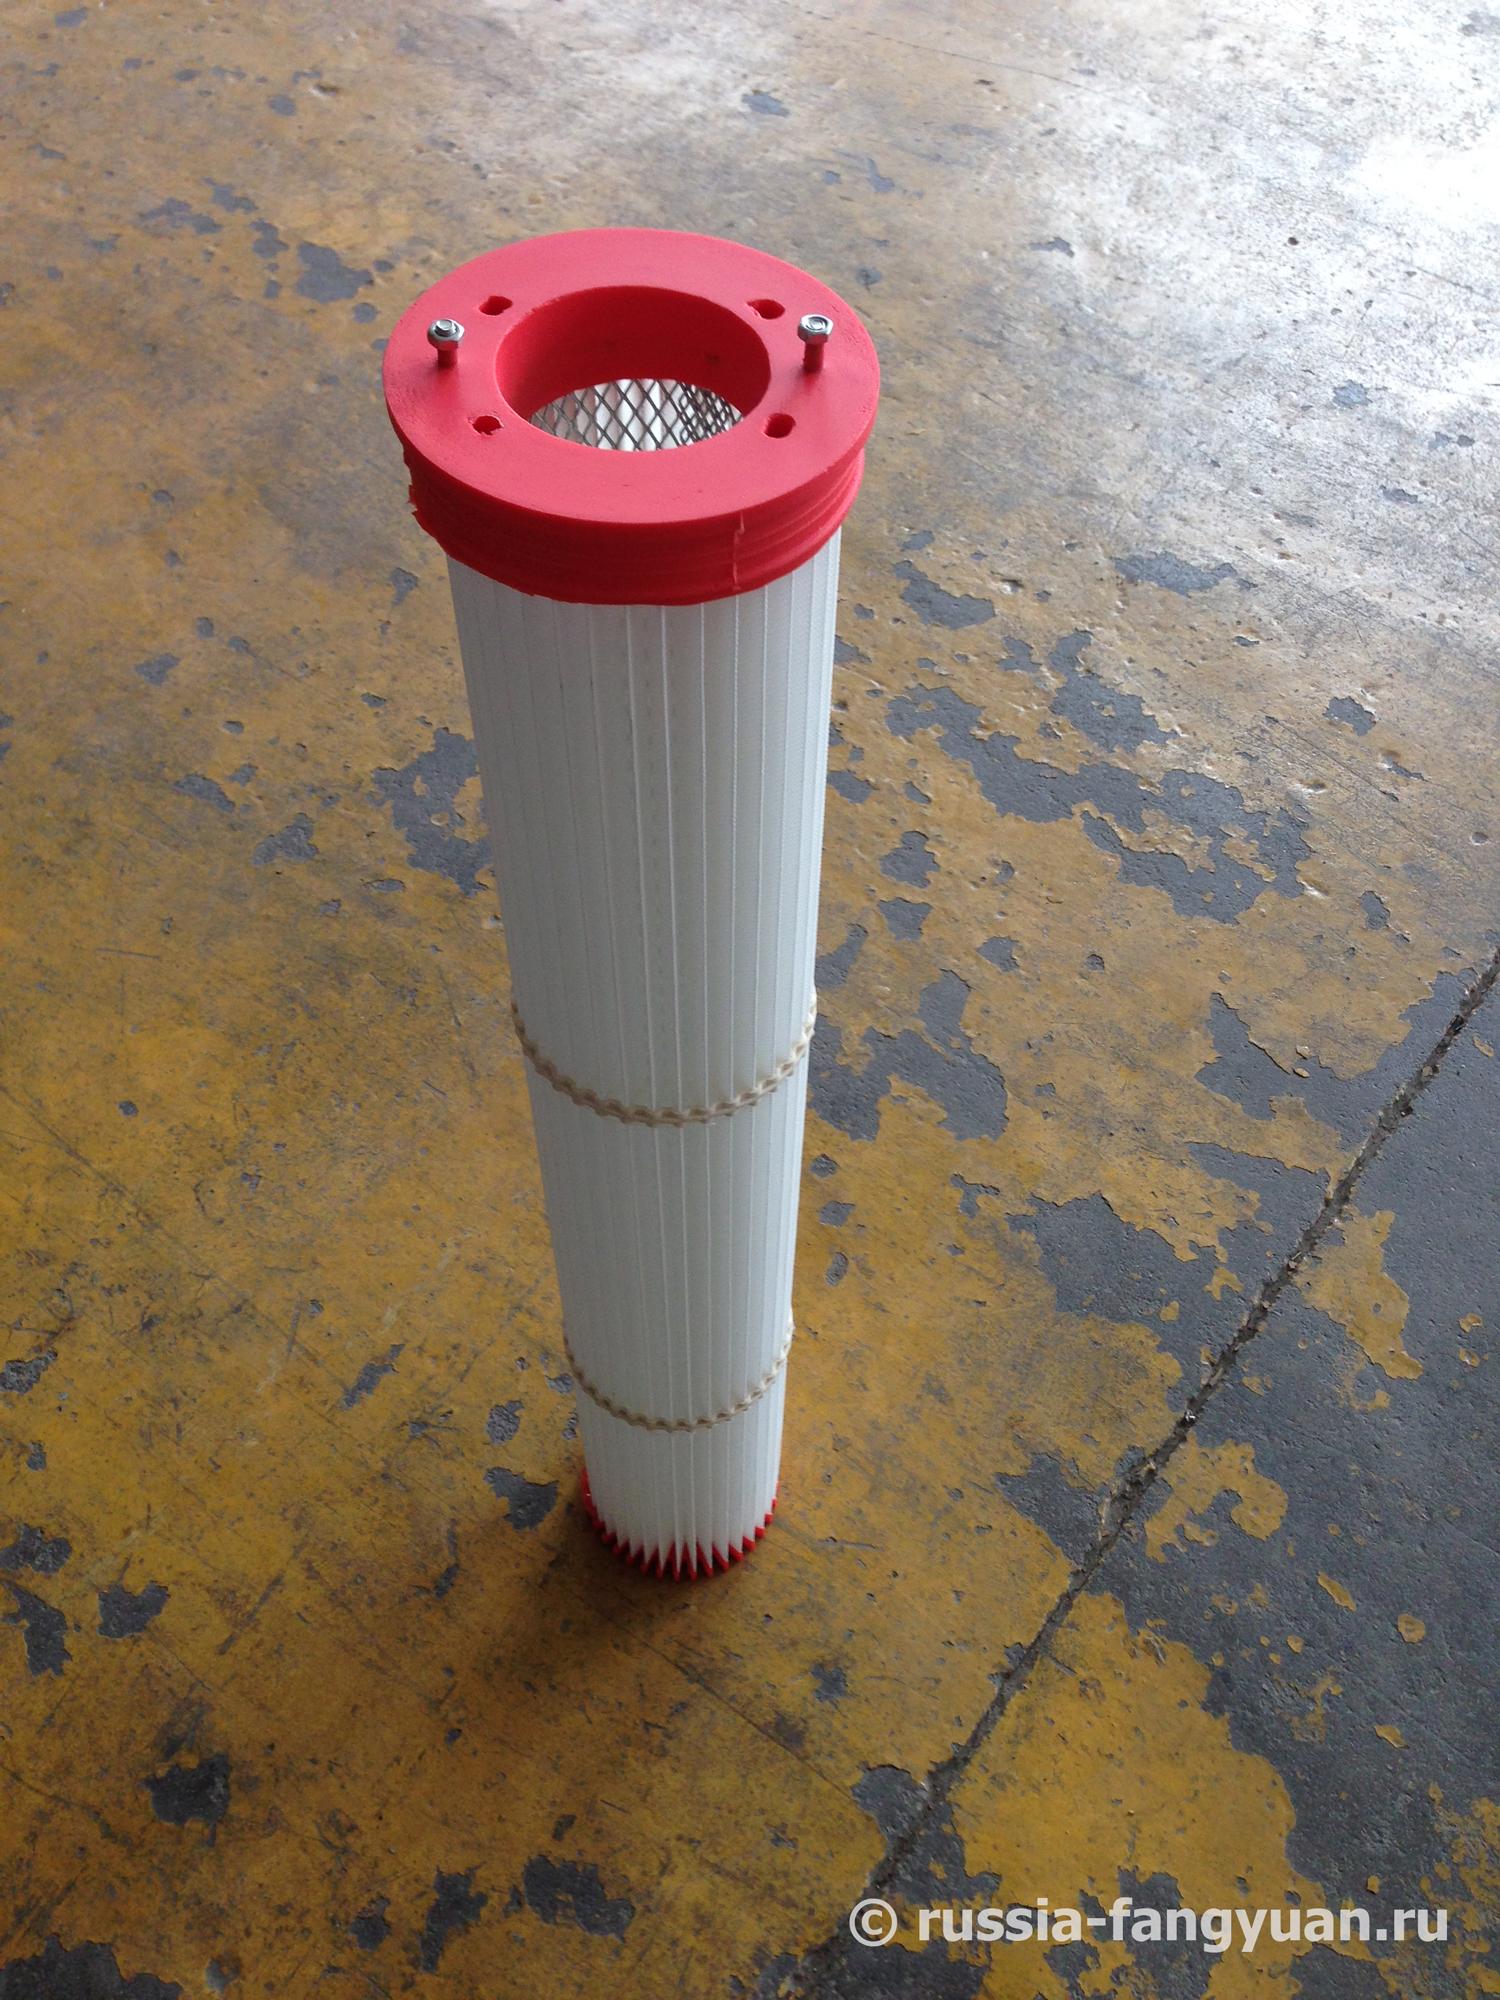 Сменный картридж (фильтр) пылеуловителя цементного силоса